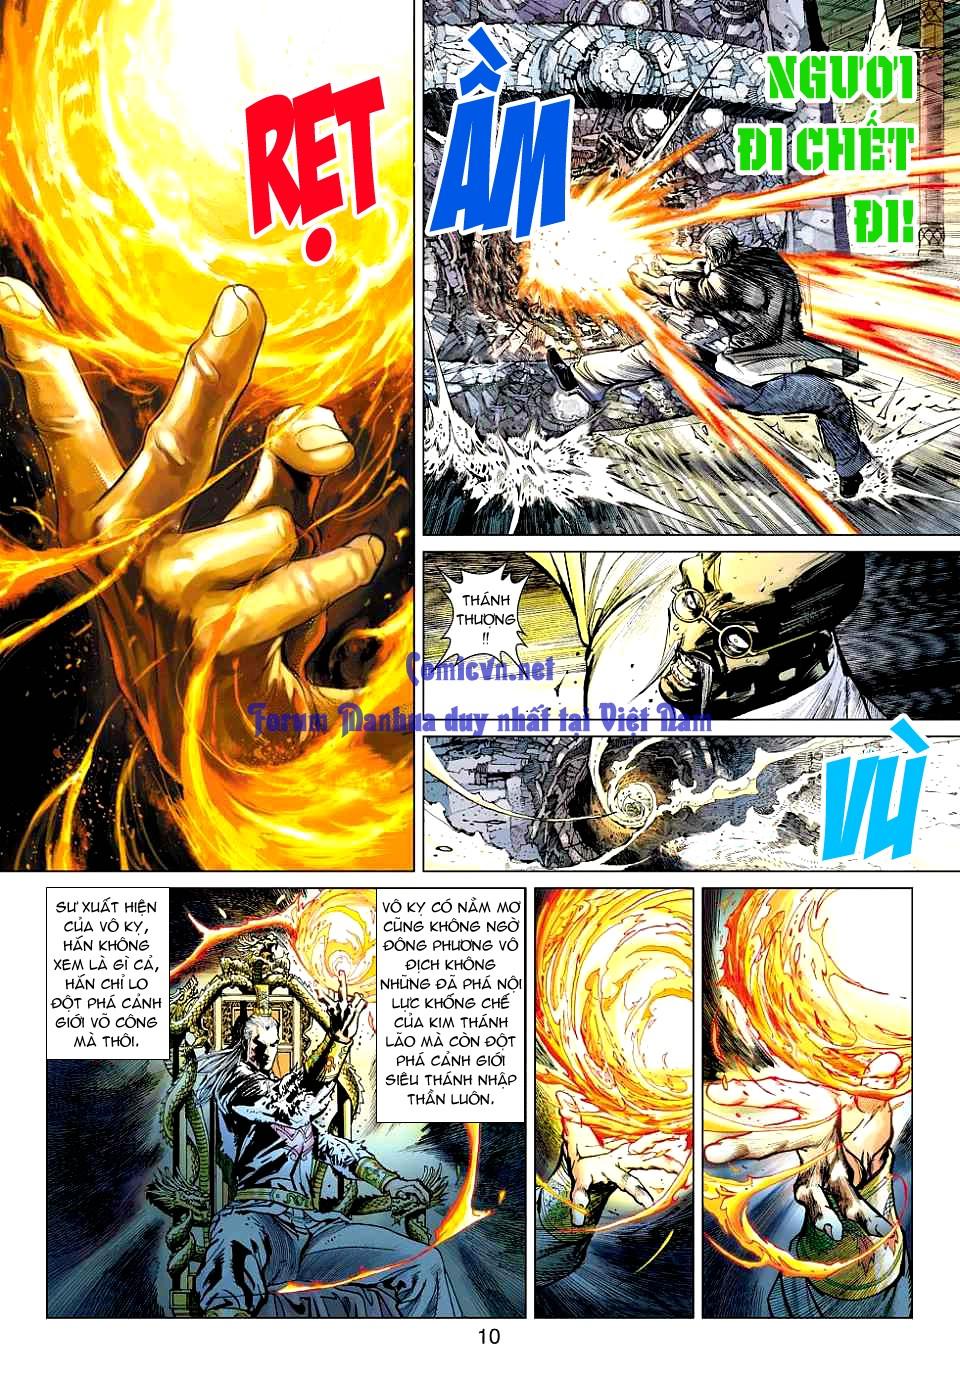 Vương Phong Lôi 1 chap 12 - Trang 10